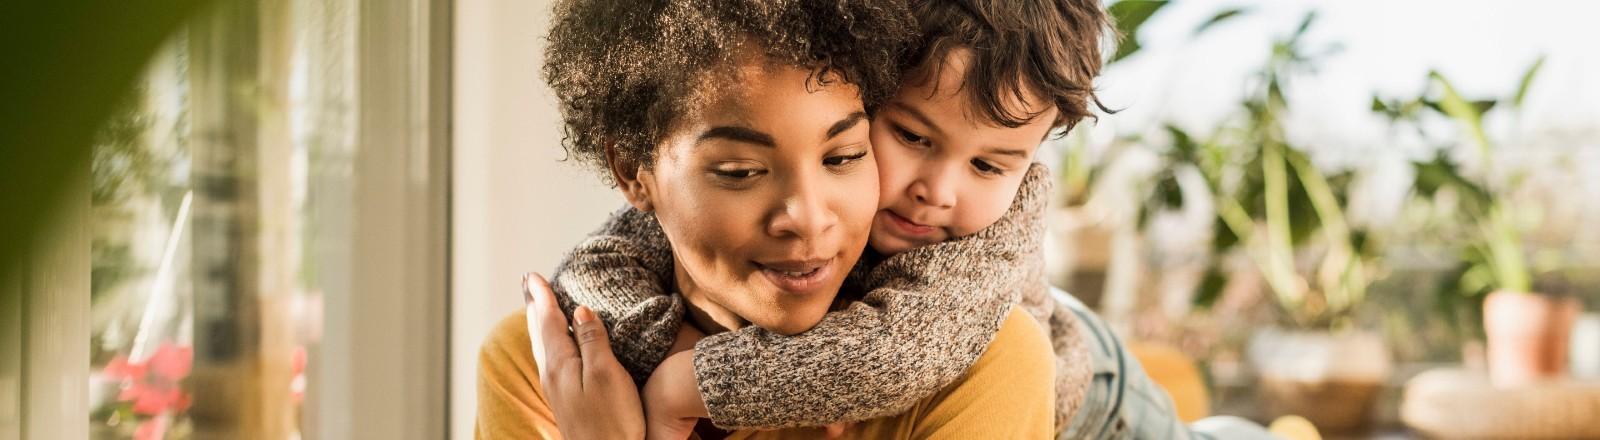 Eine junge Mutter kuschelt mit ihrem Kind.